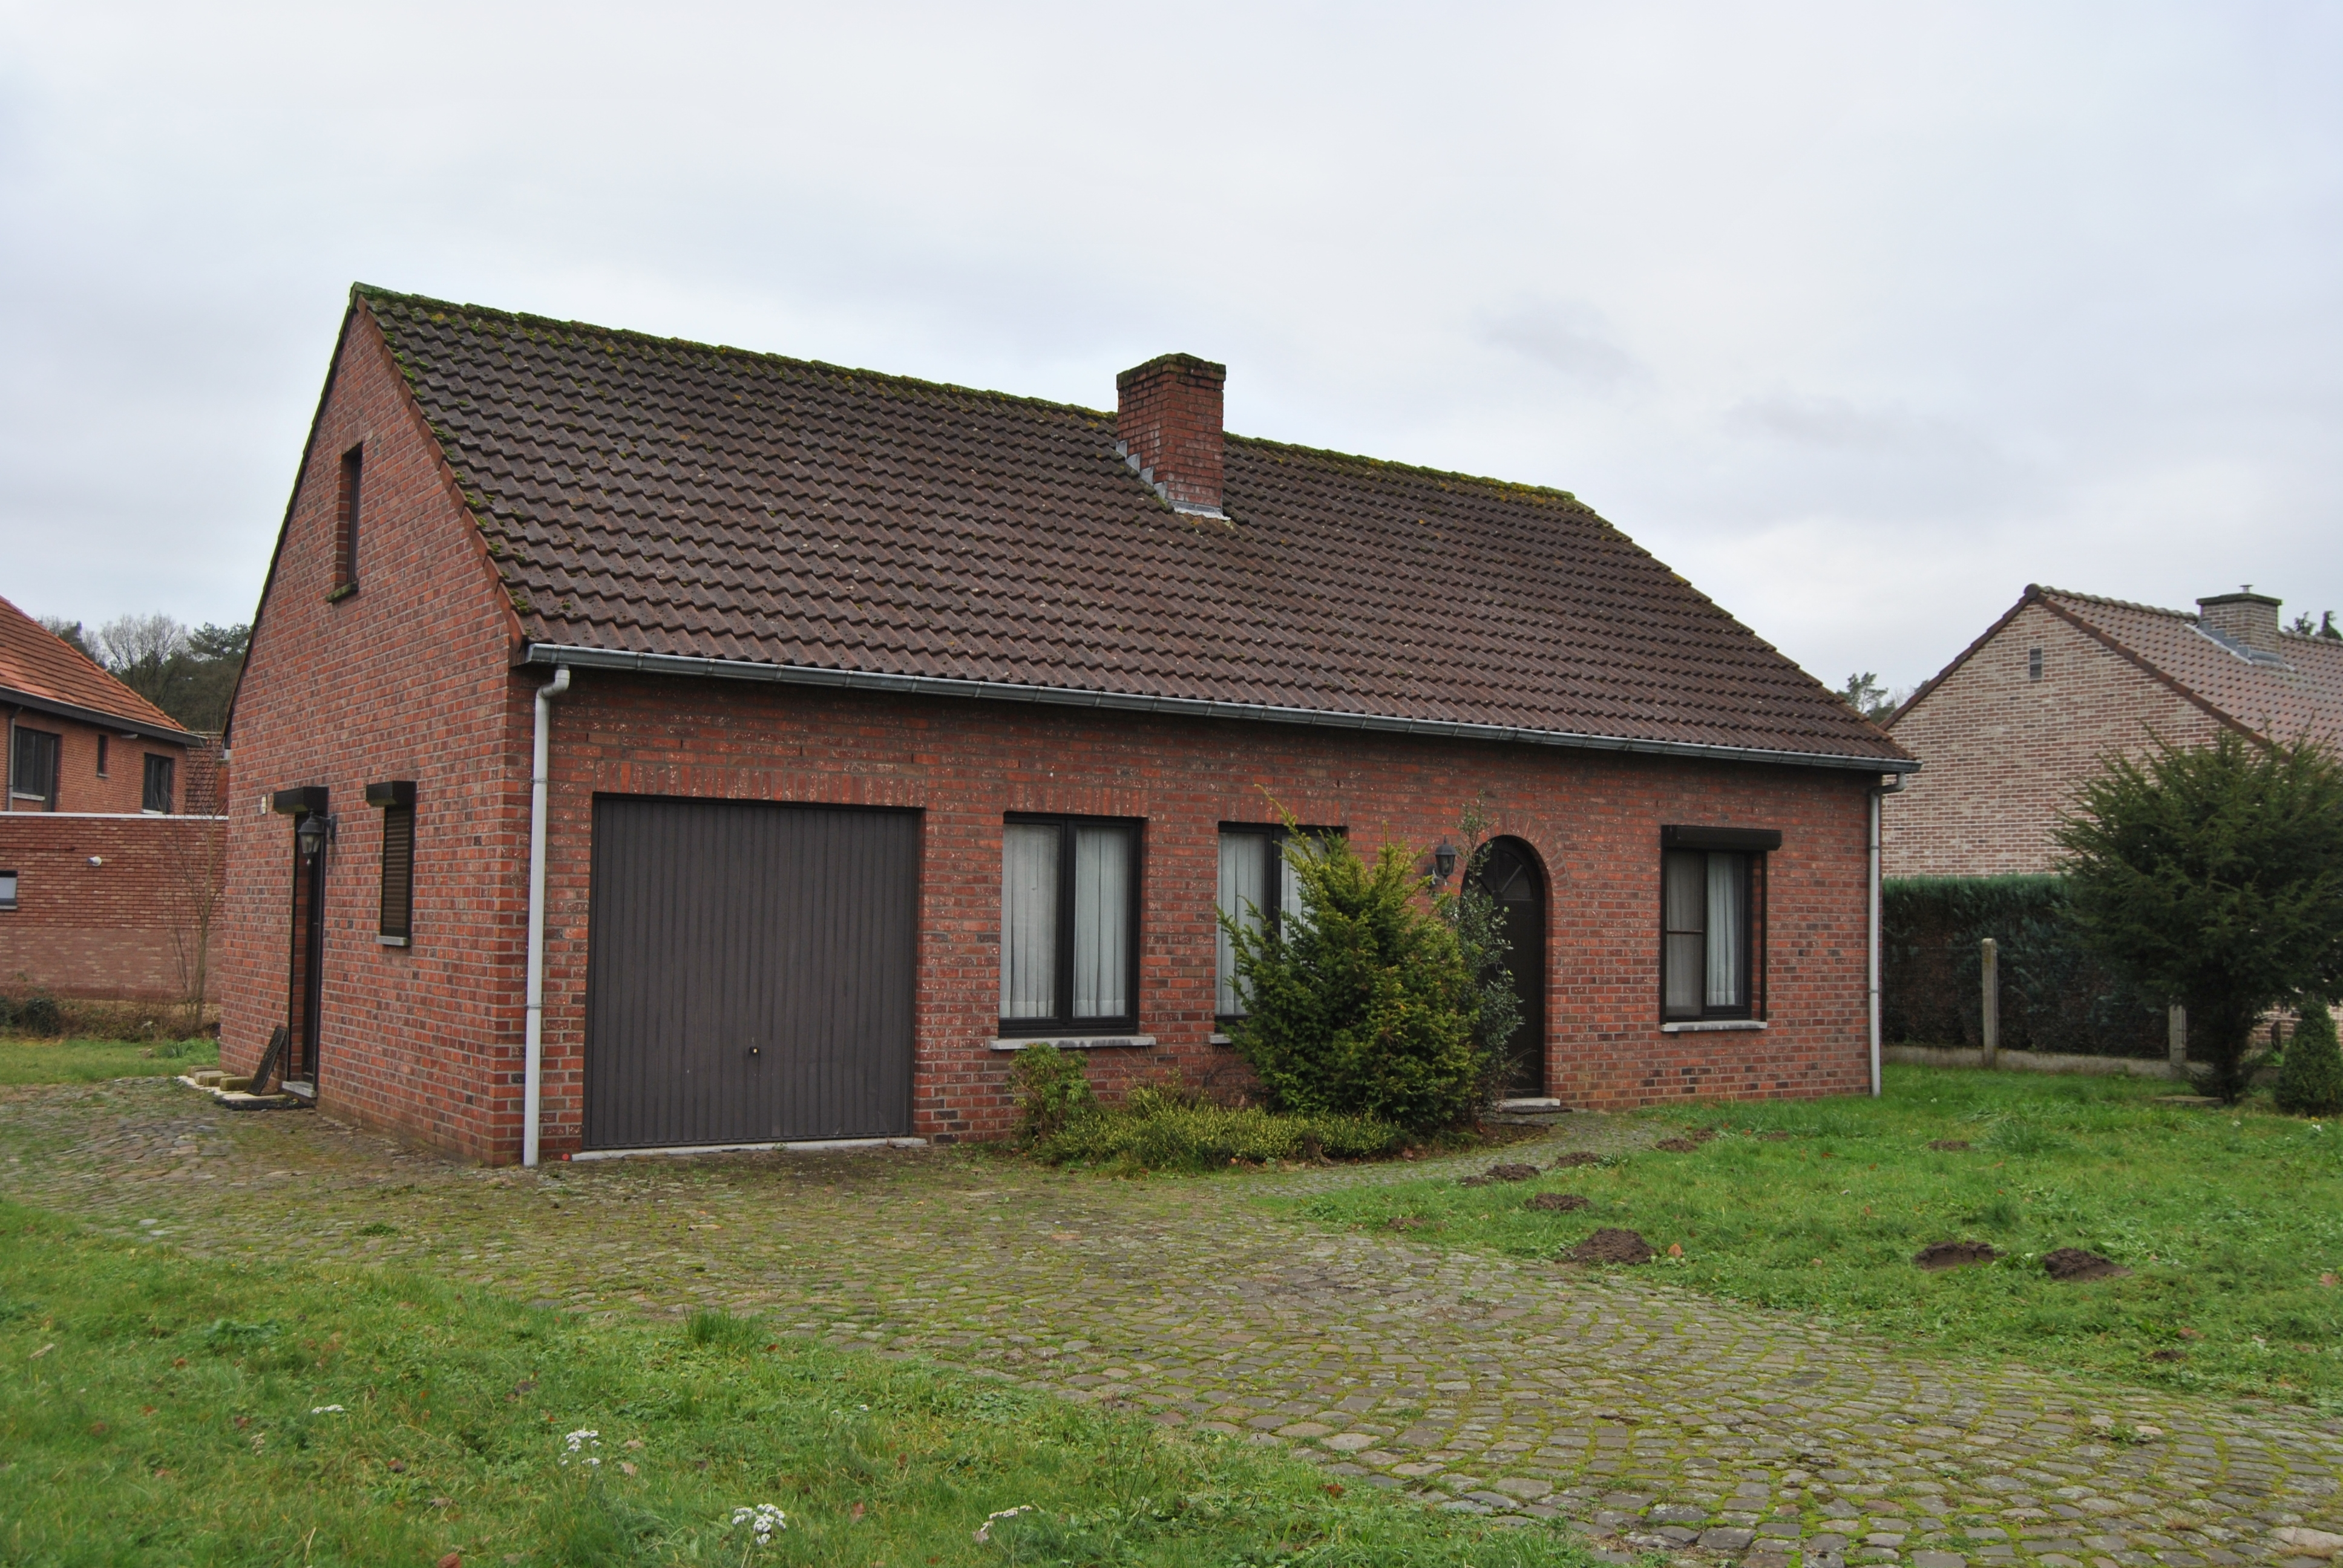 Verhuurd: Beringersteenweg 51, 3550 Heusden-Zolder